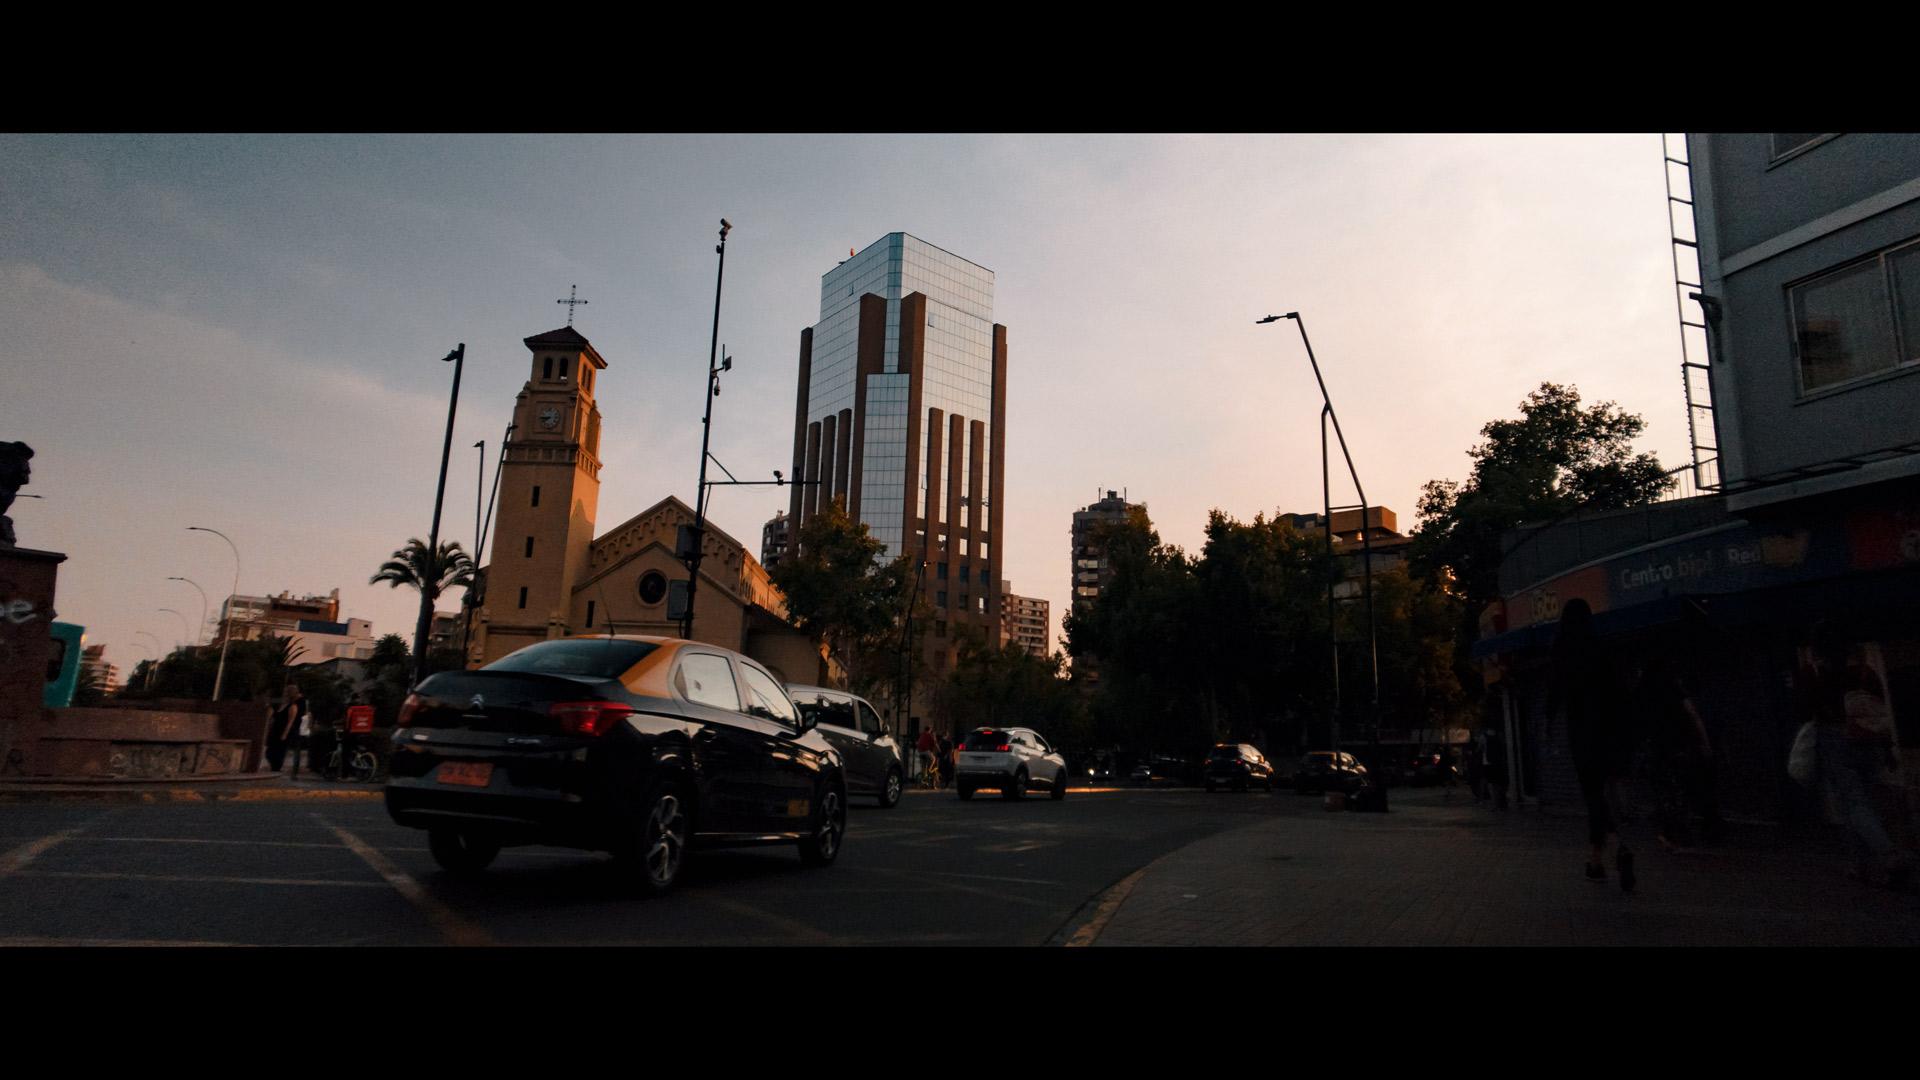 Fotografía Anamorphic por rhoadiemusic para Phonestudio Chile - Tienda online de fotografía y video con smartphone